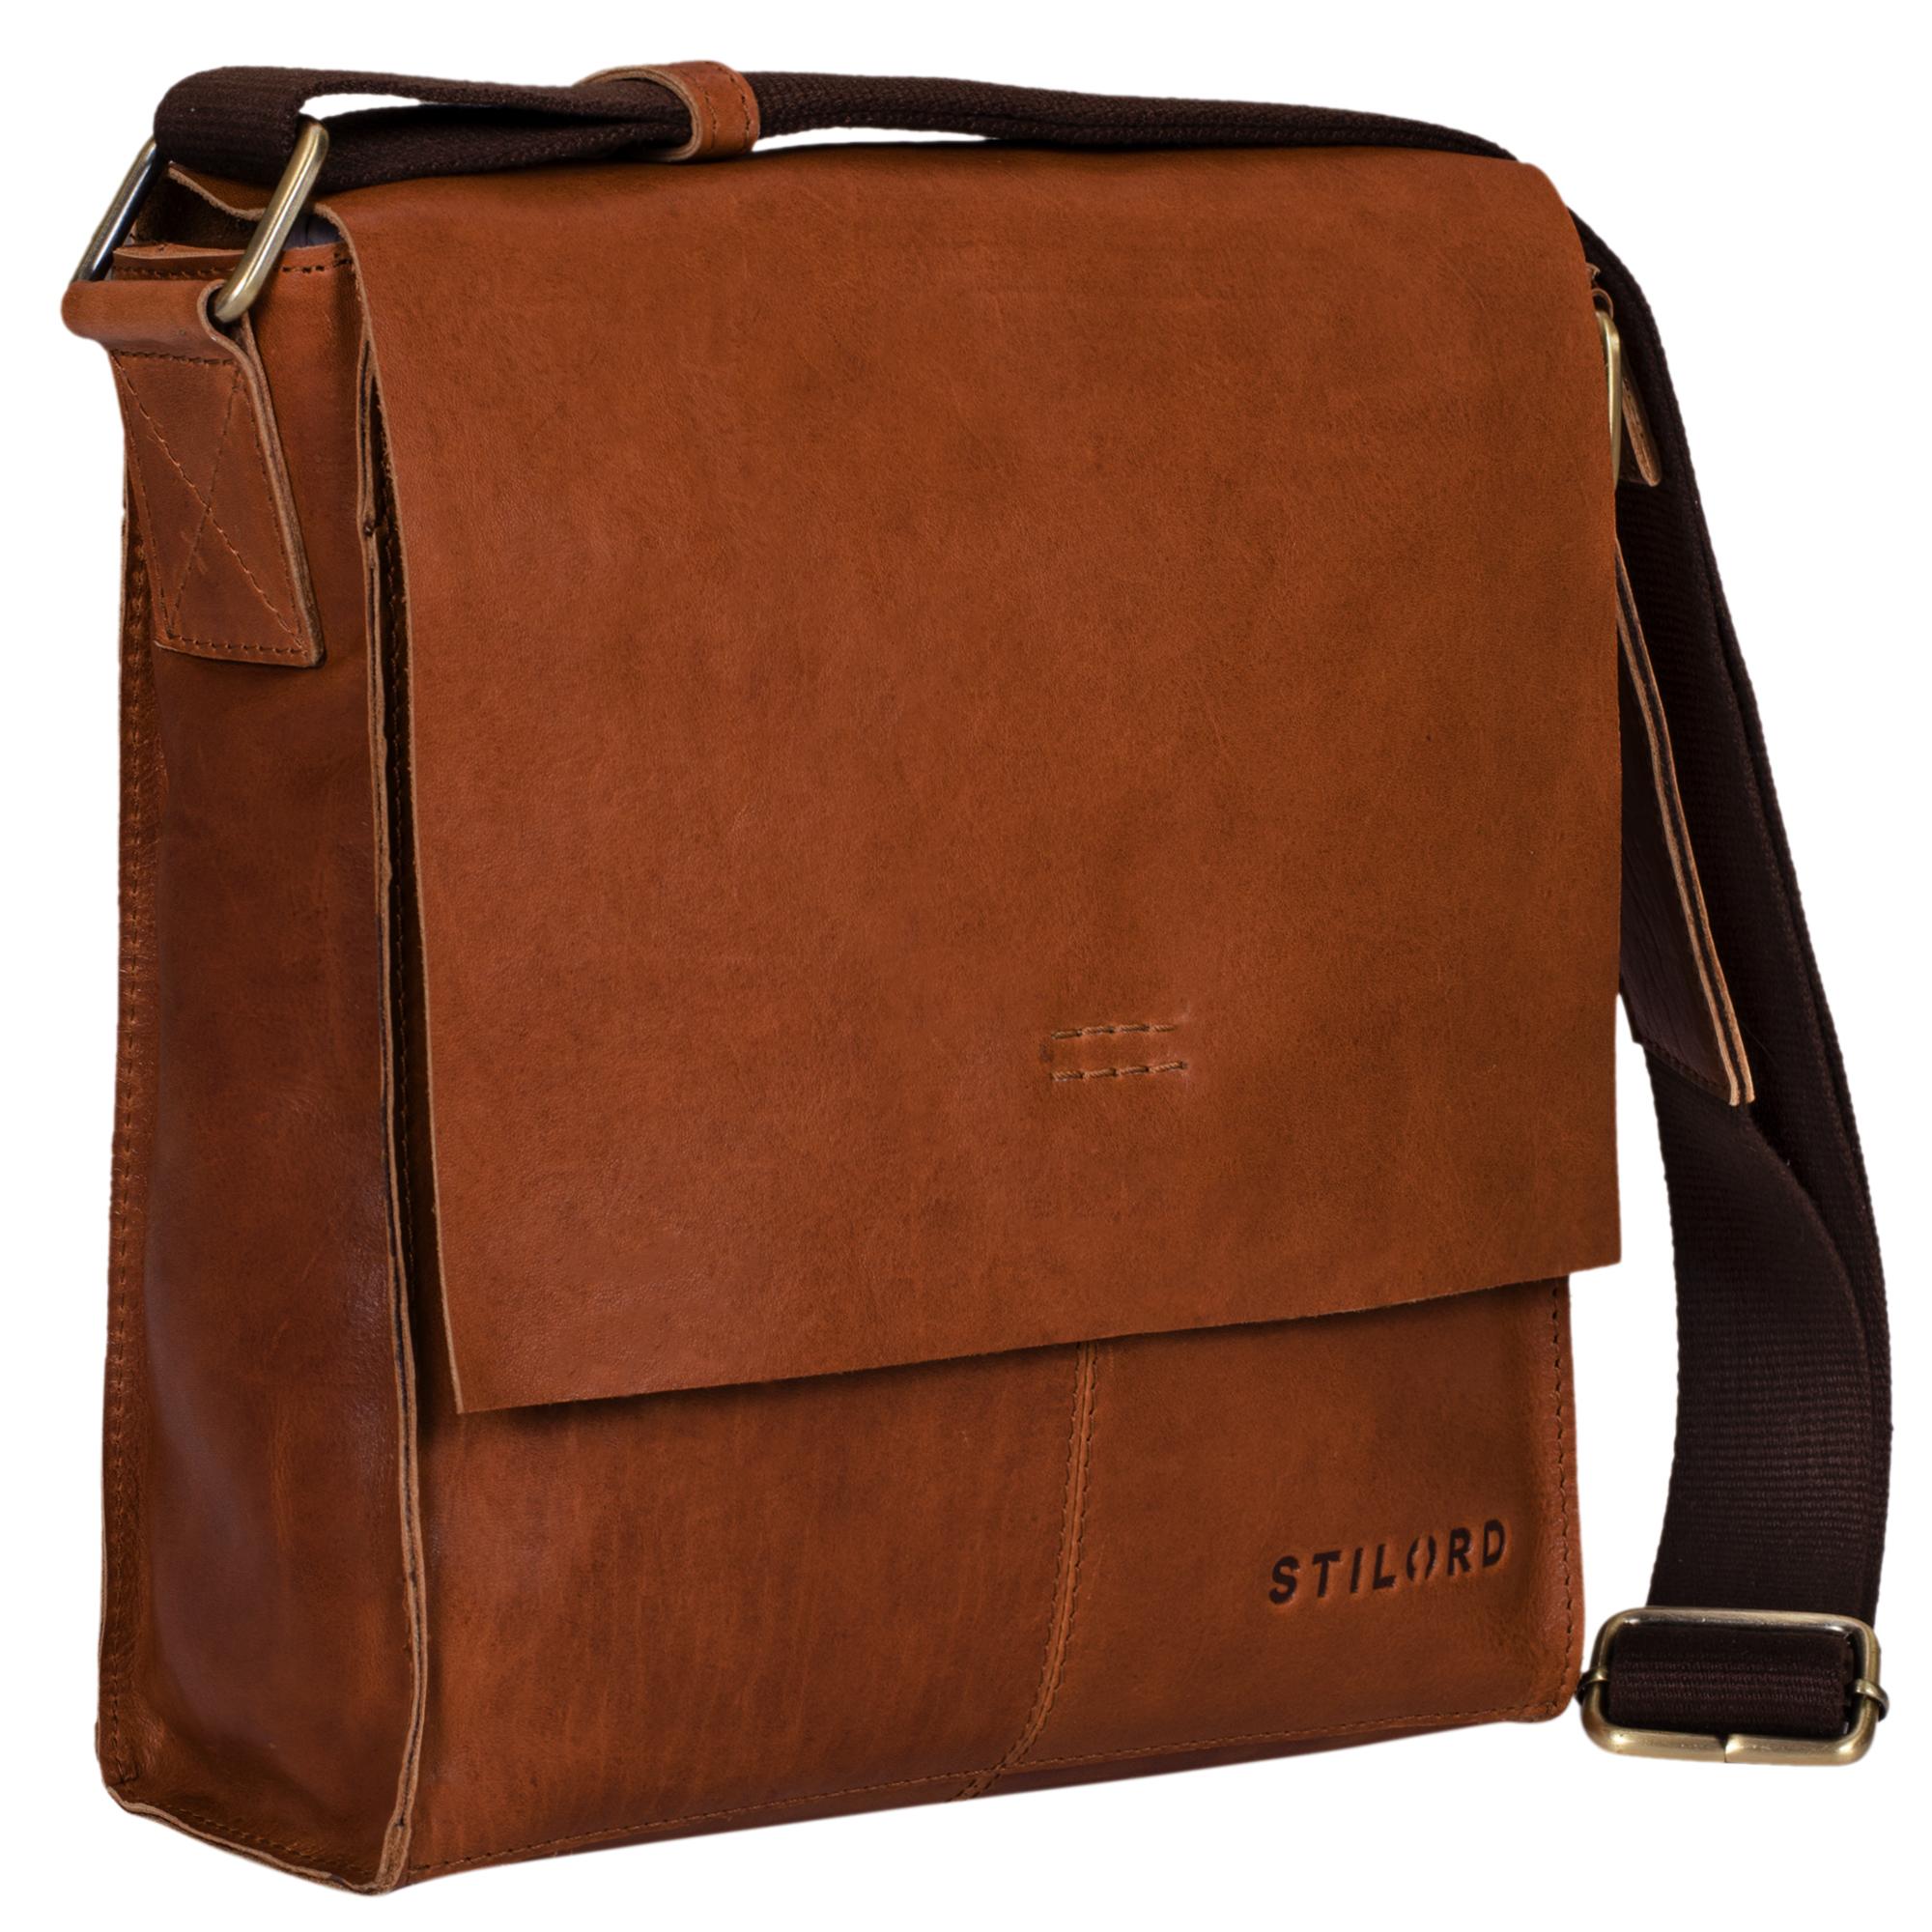 """STILORD """"Malte"""" Kleine Messenger Bag Leder Herren Vintage Schultertasche Umhängetasche für 9.7 Zoll Tablet iPad Handtasche A5 echtes Rindsleder - Bild 9"""